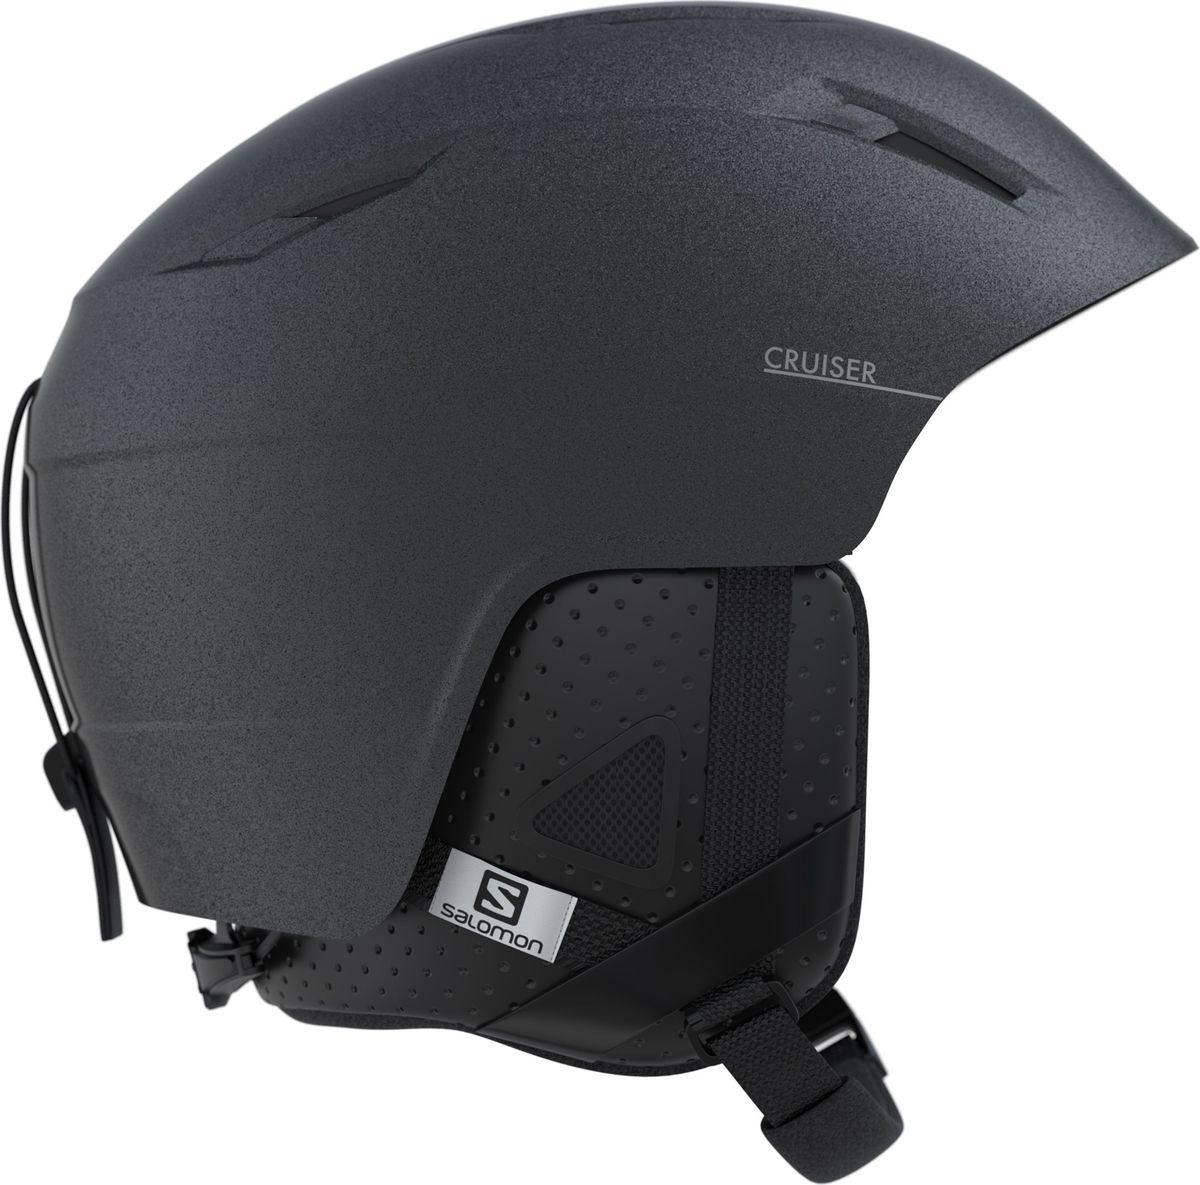 Шлем горнолыжный Salomon Cruiser2. Размер M (56/59)L39913700Универсальный шлем Salomon Cruiser2, который готов к любым испытаниям. Технология Thin Shell обеспечивает максимальную надежность, компактная конструкция и низкий вес гарантируют удобство во время катания. Технология EPS 4D в сочетании с регулировкой Custom dial обеспечивает повышенную безопасность и плотную посадку.